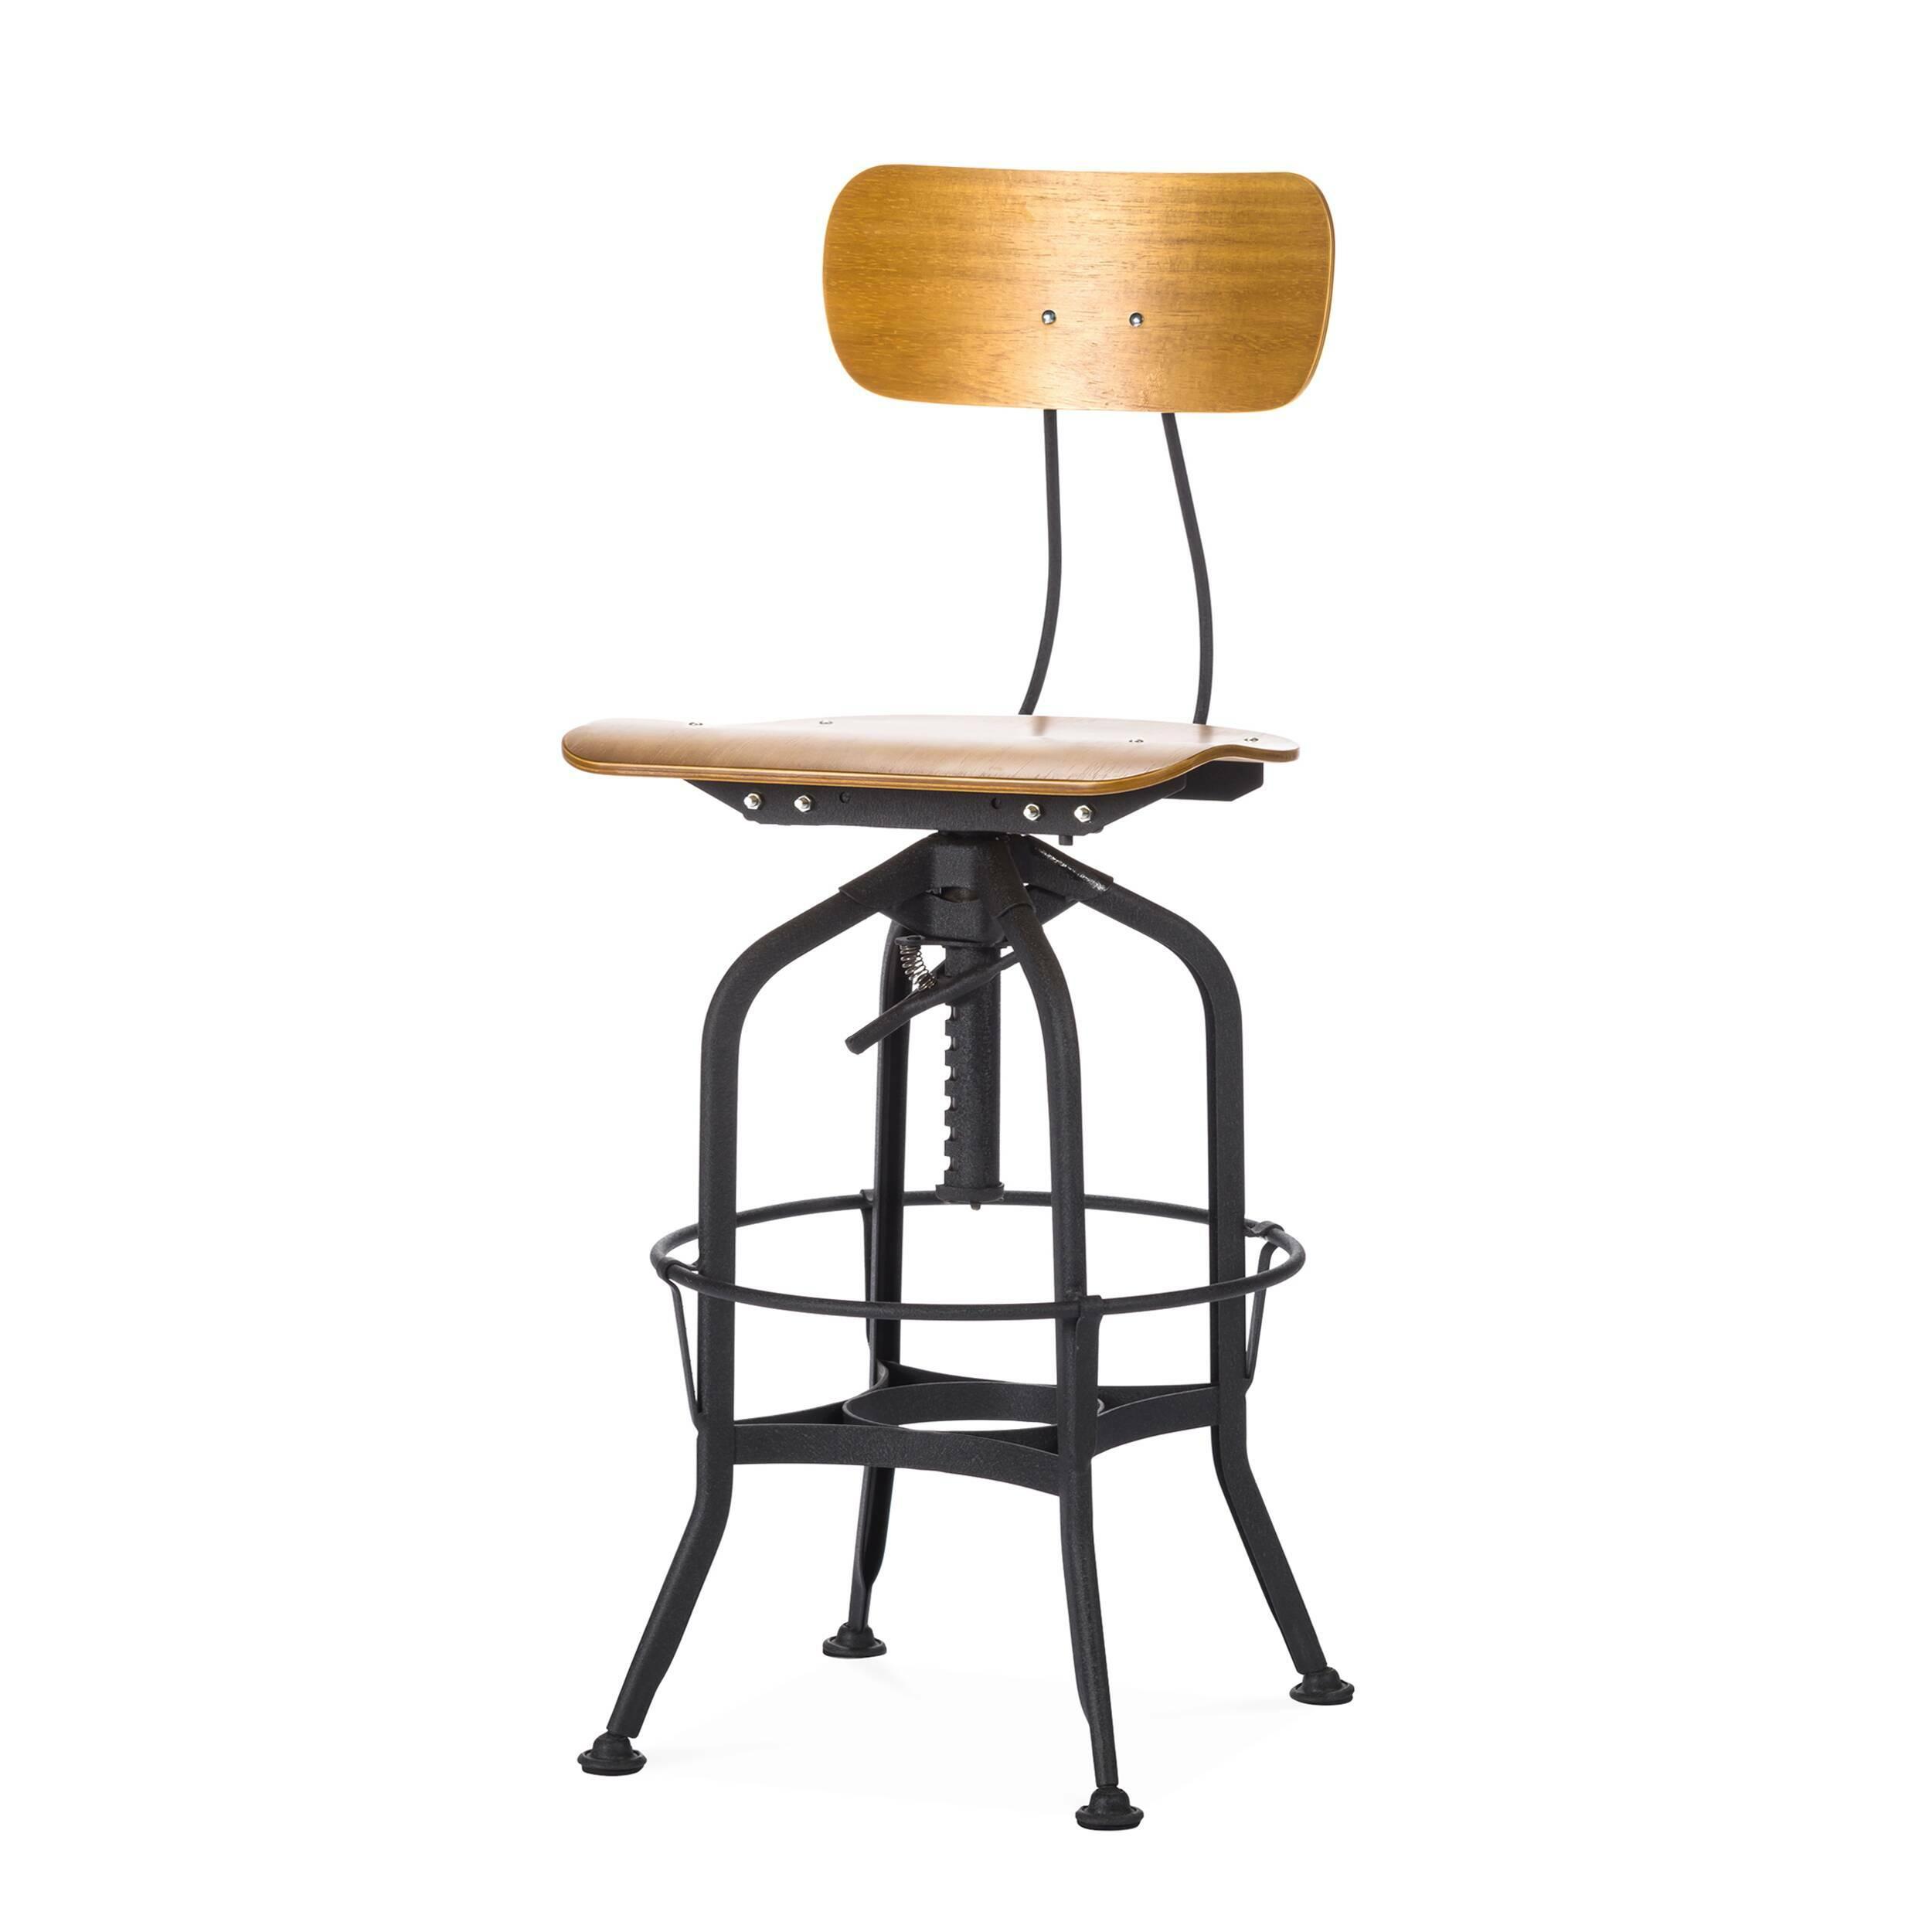 Барный стул Toledo WoodБарные<br>Дизайнерский цветной барный стул Toledo Wood (Толедо Вуд) из фанеры на черных ножках от Cosmo (Космо). <br><br> Целевыми помещениями для использования стульев Toledo изначально были офисы, заводы, аптеки и тому подобные места. Однако под влиянием веяний модных дизайнерских тенденций появилась новая модель — для ресторанов, молодежных клубов и баров.<br><br><br> Замысловатый каркас из стали, выполненный в черном или металлическом цвете, представлен системой «паучьи лапки», как назвали это сами дизайне...<br><br>stock: 0<br>Высота: 97<br>Высота сиденья: 64-75<br>Ширина: 42<br>Глубина: 48<br>Цвет ножек: Черный<br>Материал сидения: Фанера, шпон гевеи<br>Цвет сидения: Коричневый<br>Тип материала сидения: Дерево<br>Тип материала ножек: Сталь